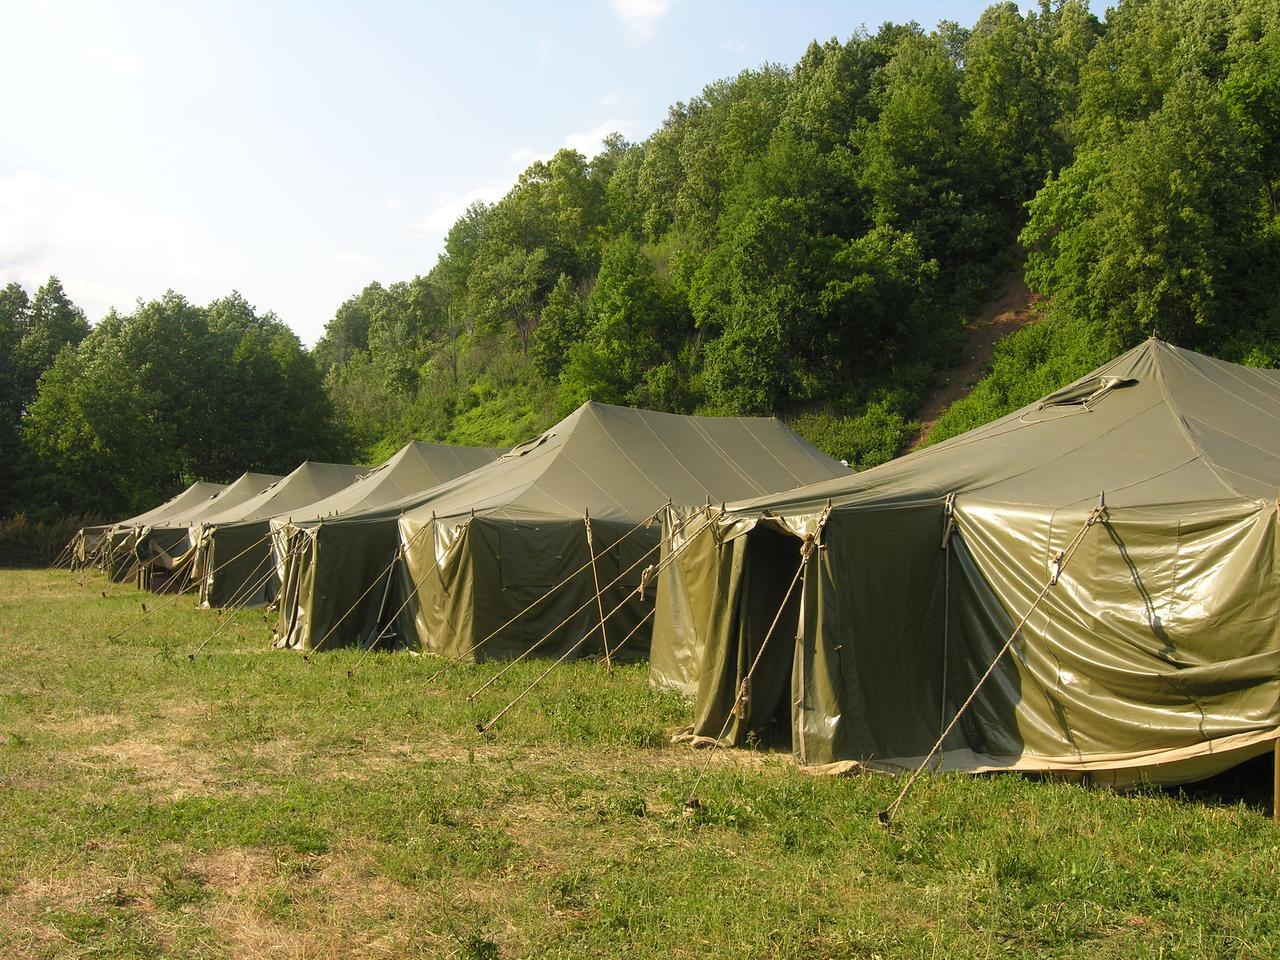 Палатка армейская военная из материала Оксфорд до 15 чел.+Доставка бесплатная! - фото 1